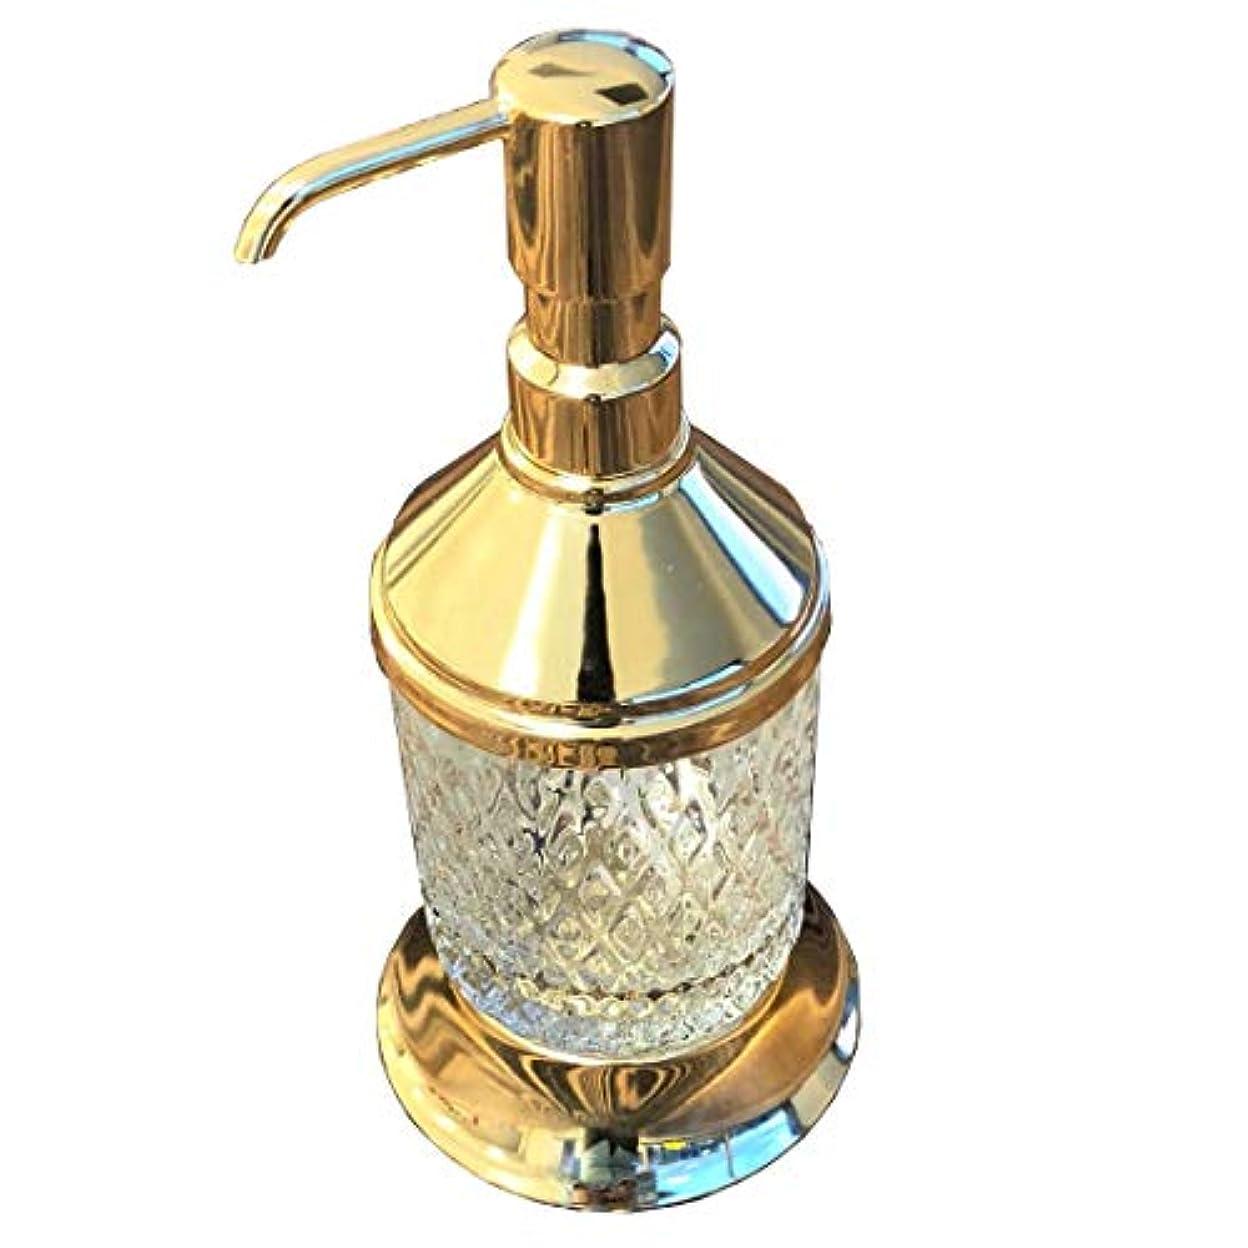 休日に熟した直感ラグジュアリー真鍮Liquid Hand Soapまたはローションdispenser-goldバスルームdecor-brassバスルームアクセサリー